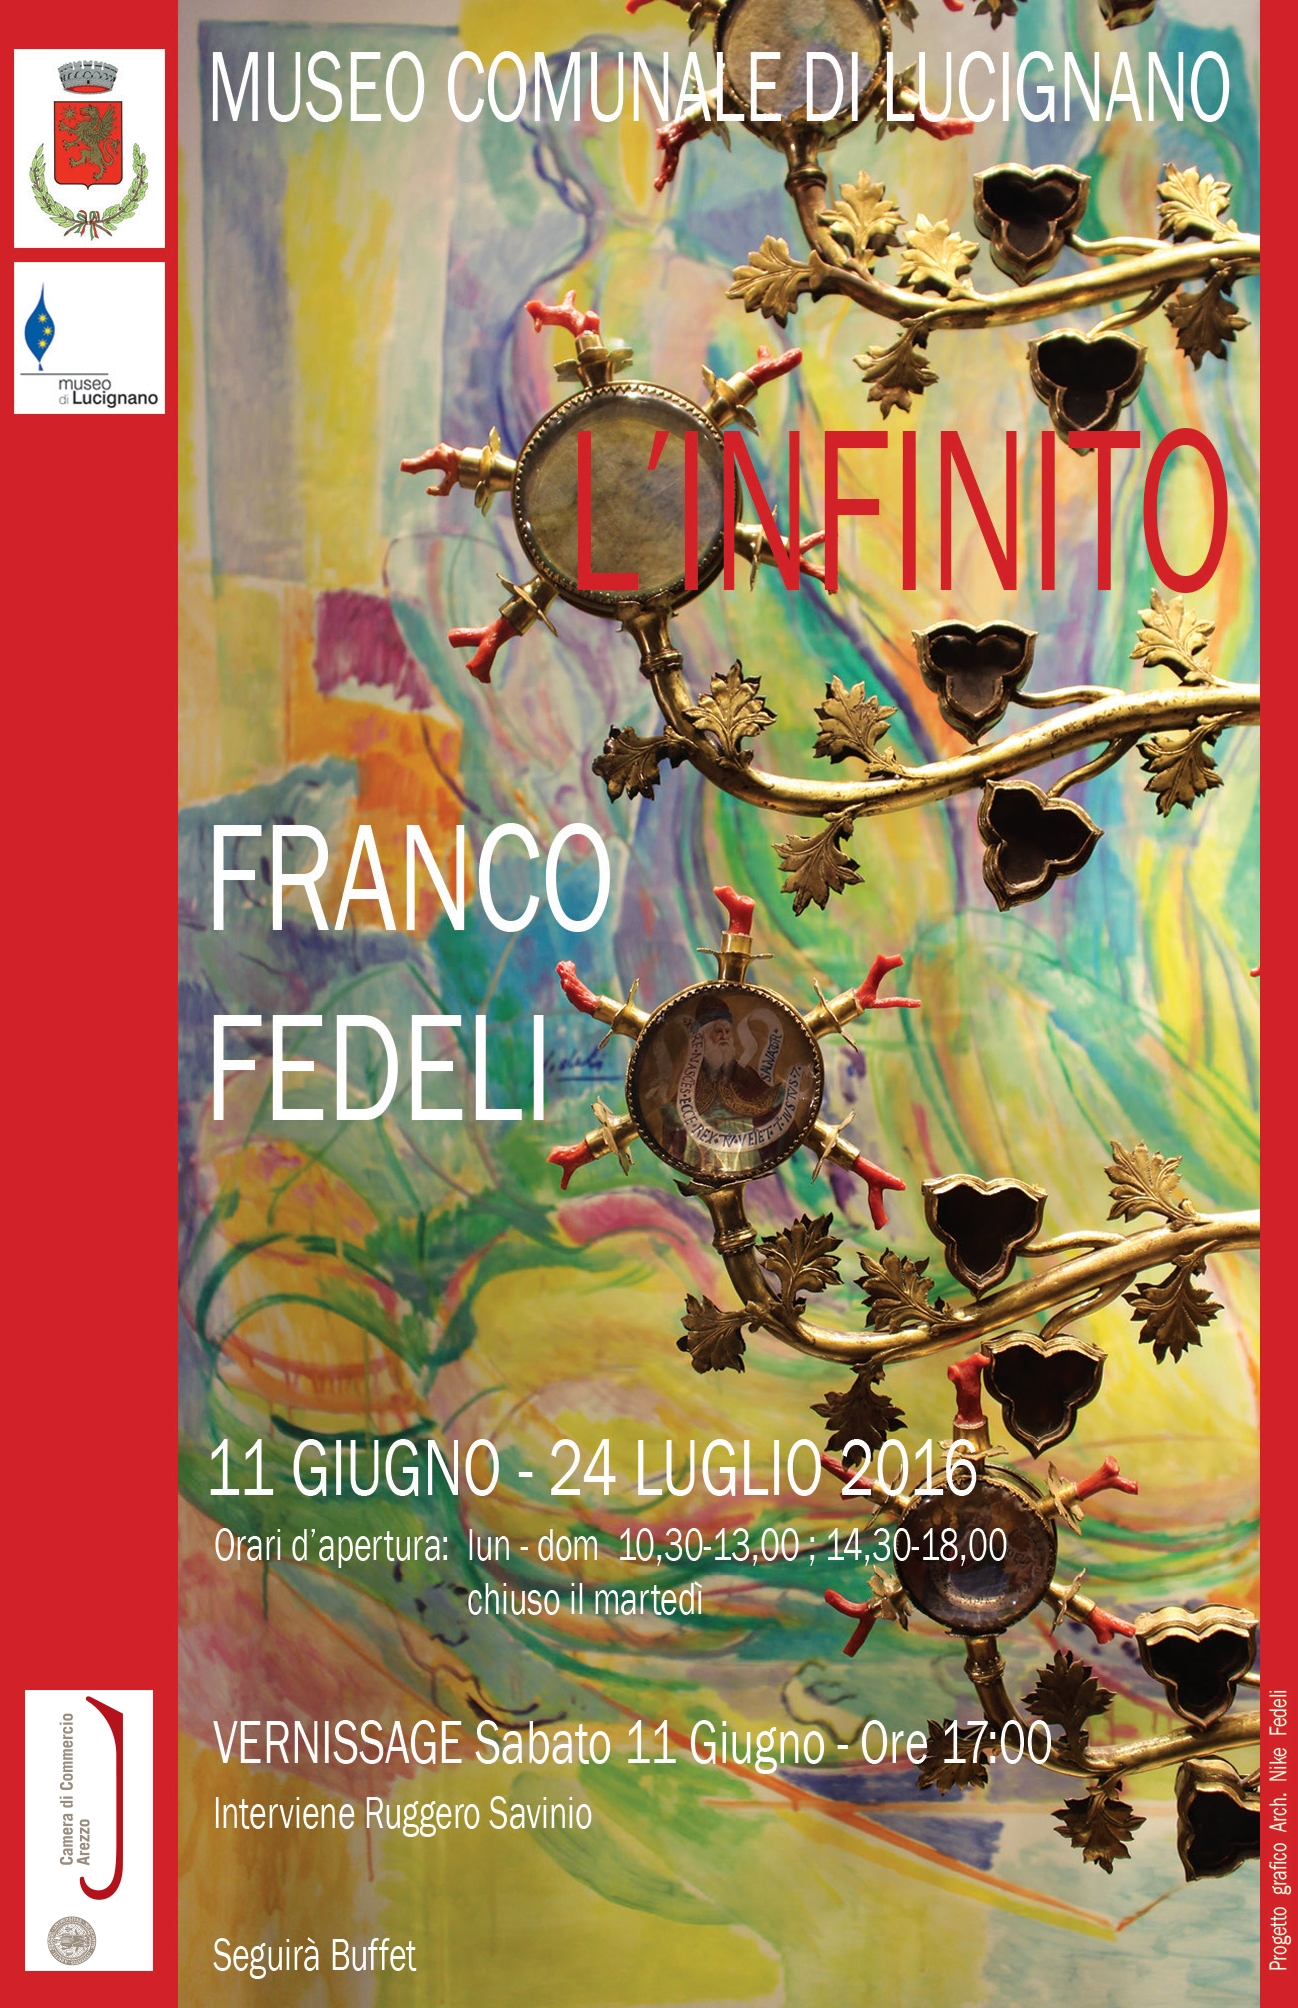 L'Infinito di Franco Fedeli in mostra a Lucignano